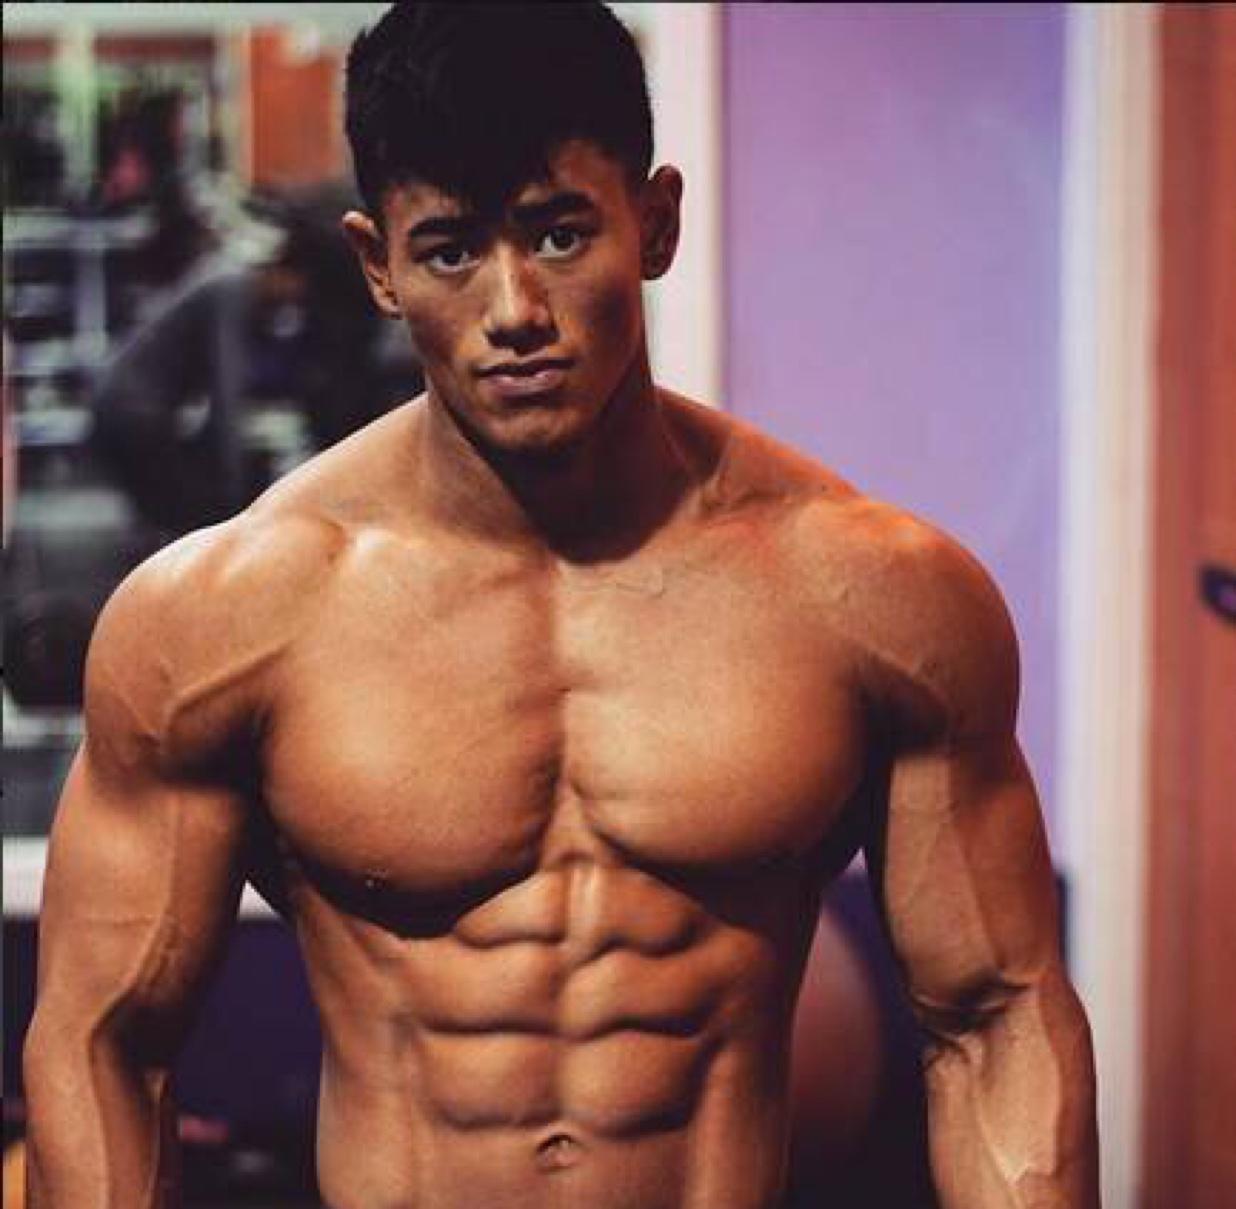 我这是死肌肉